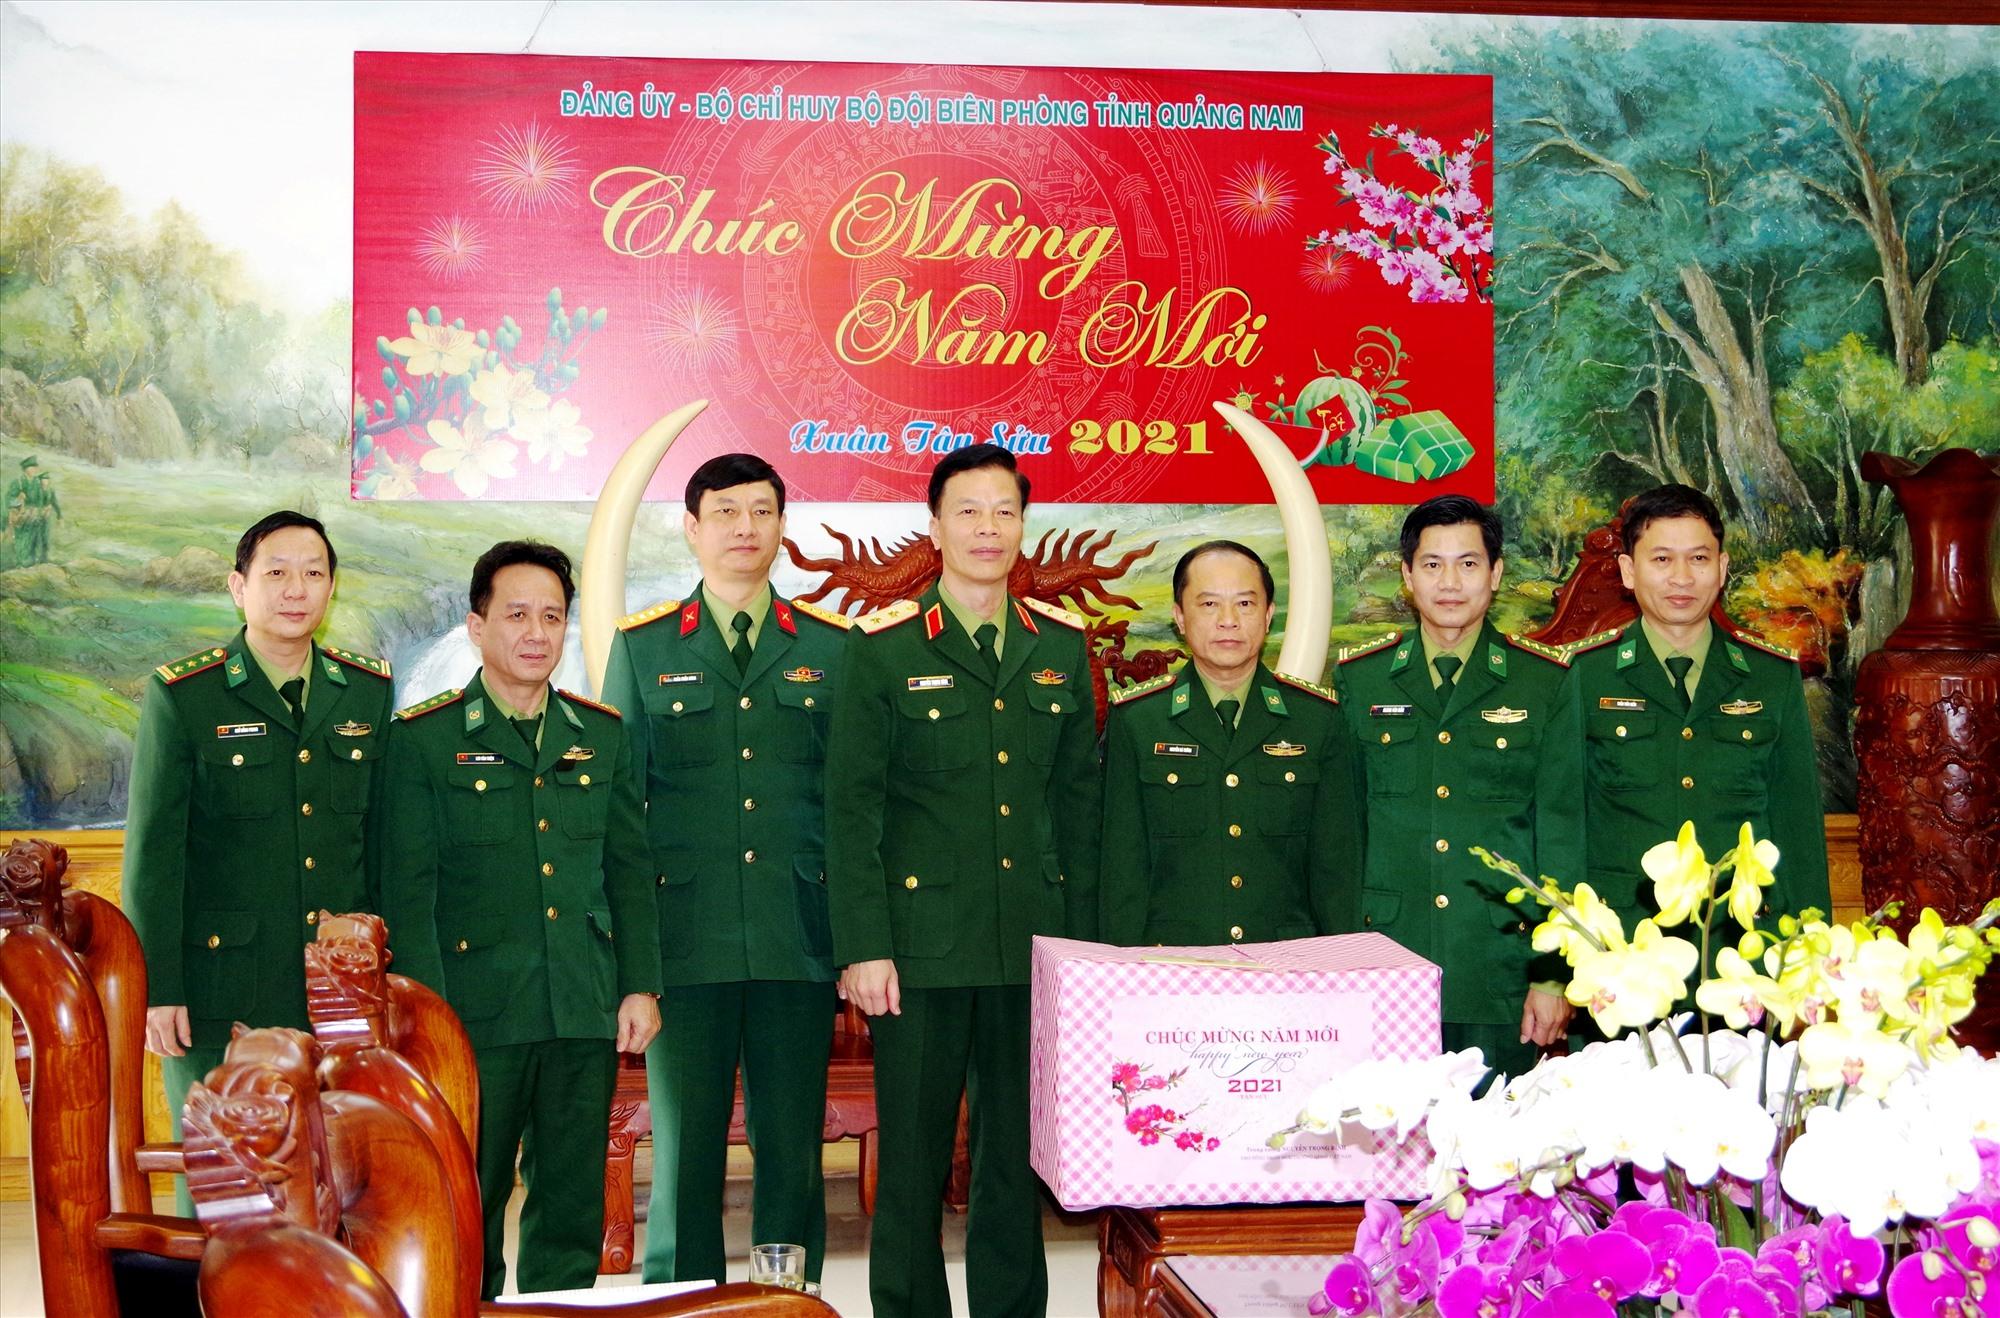 Trung tướng Nguyễn Trọng Bình – Phó Tổng Tham mưu trưởng QĐND Việt Nam Tặng quà chúc Tết tại Bộ Chỉ huy Bộ đội Biên phòng Quảng Nam.